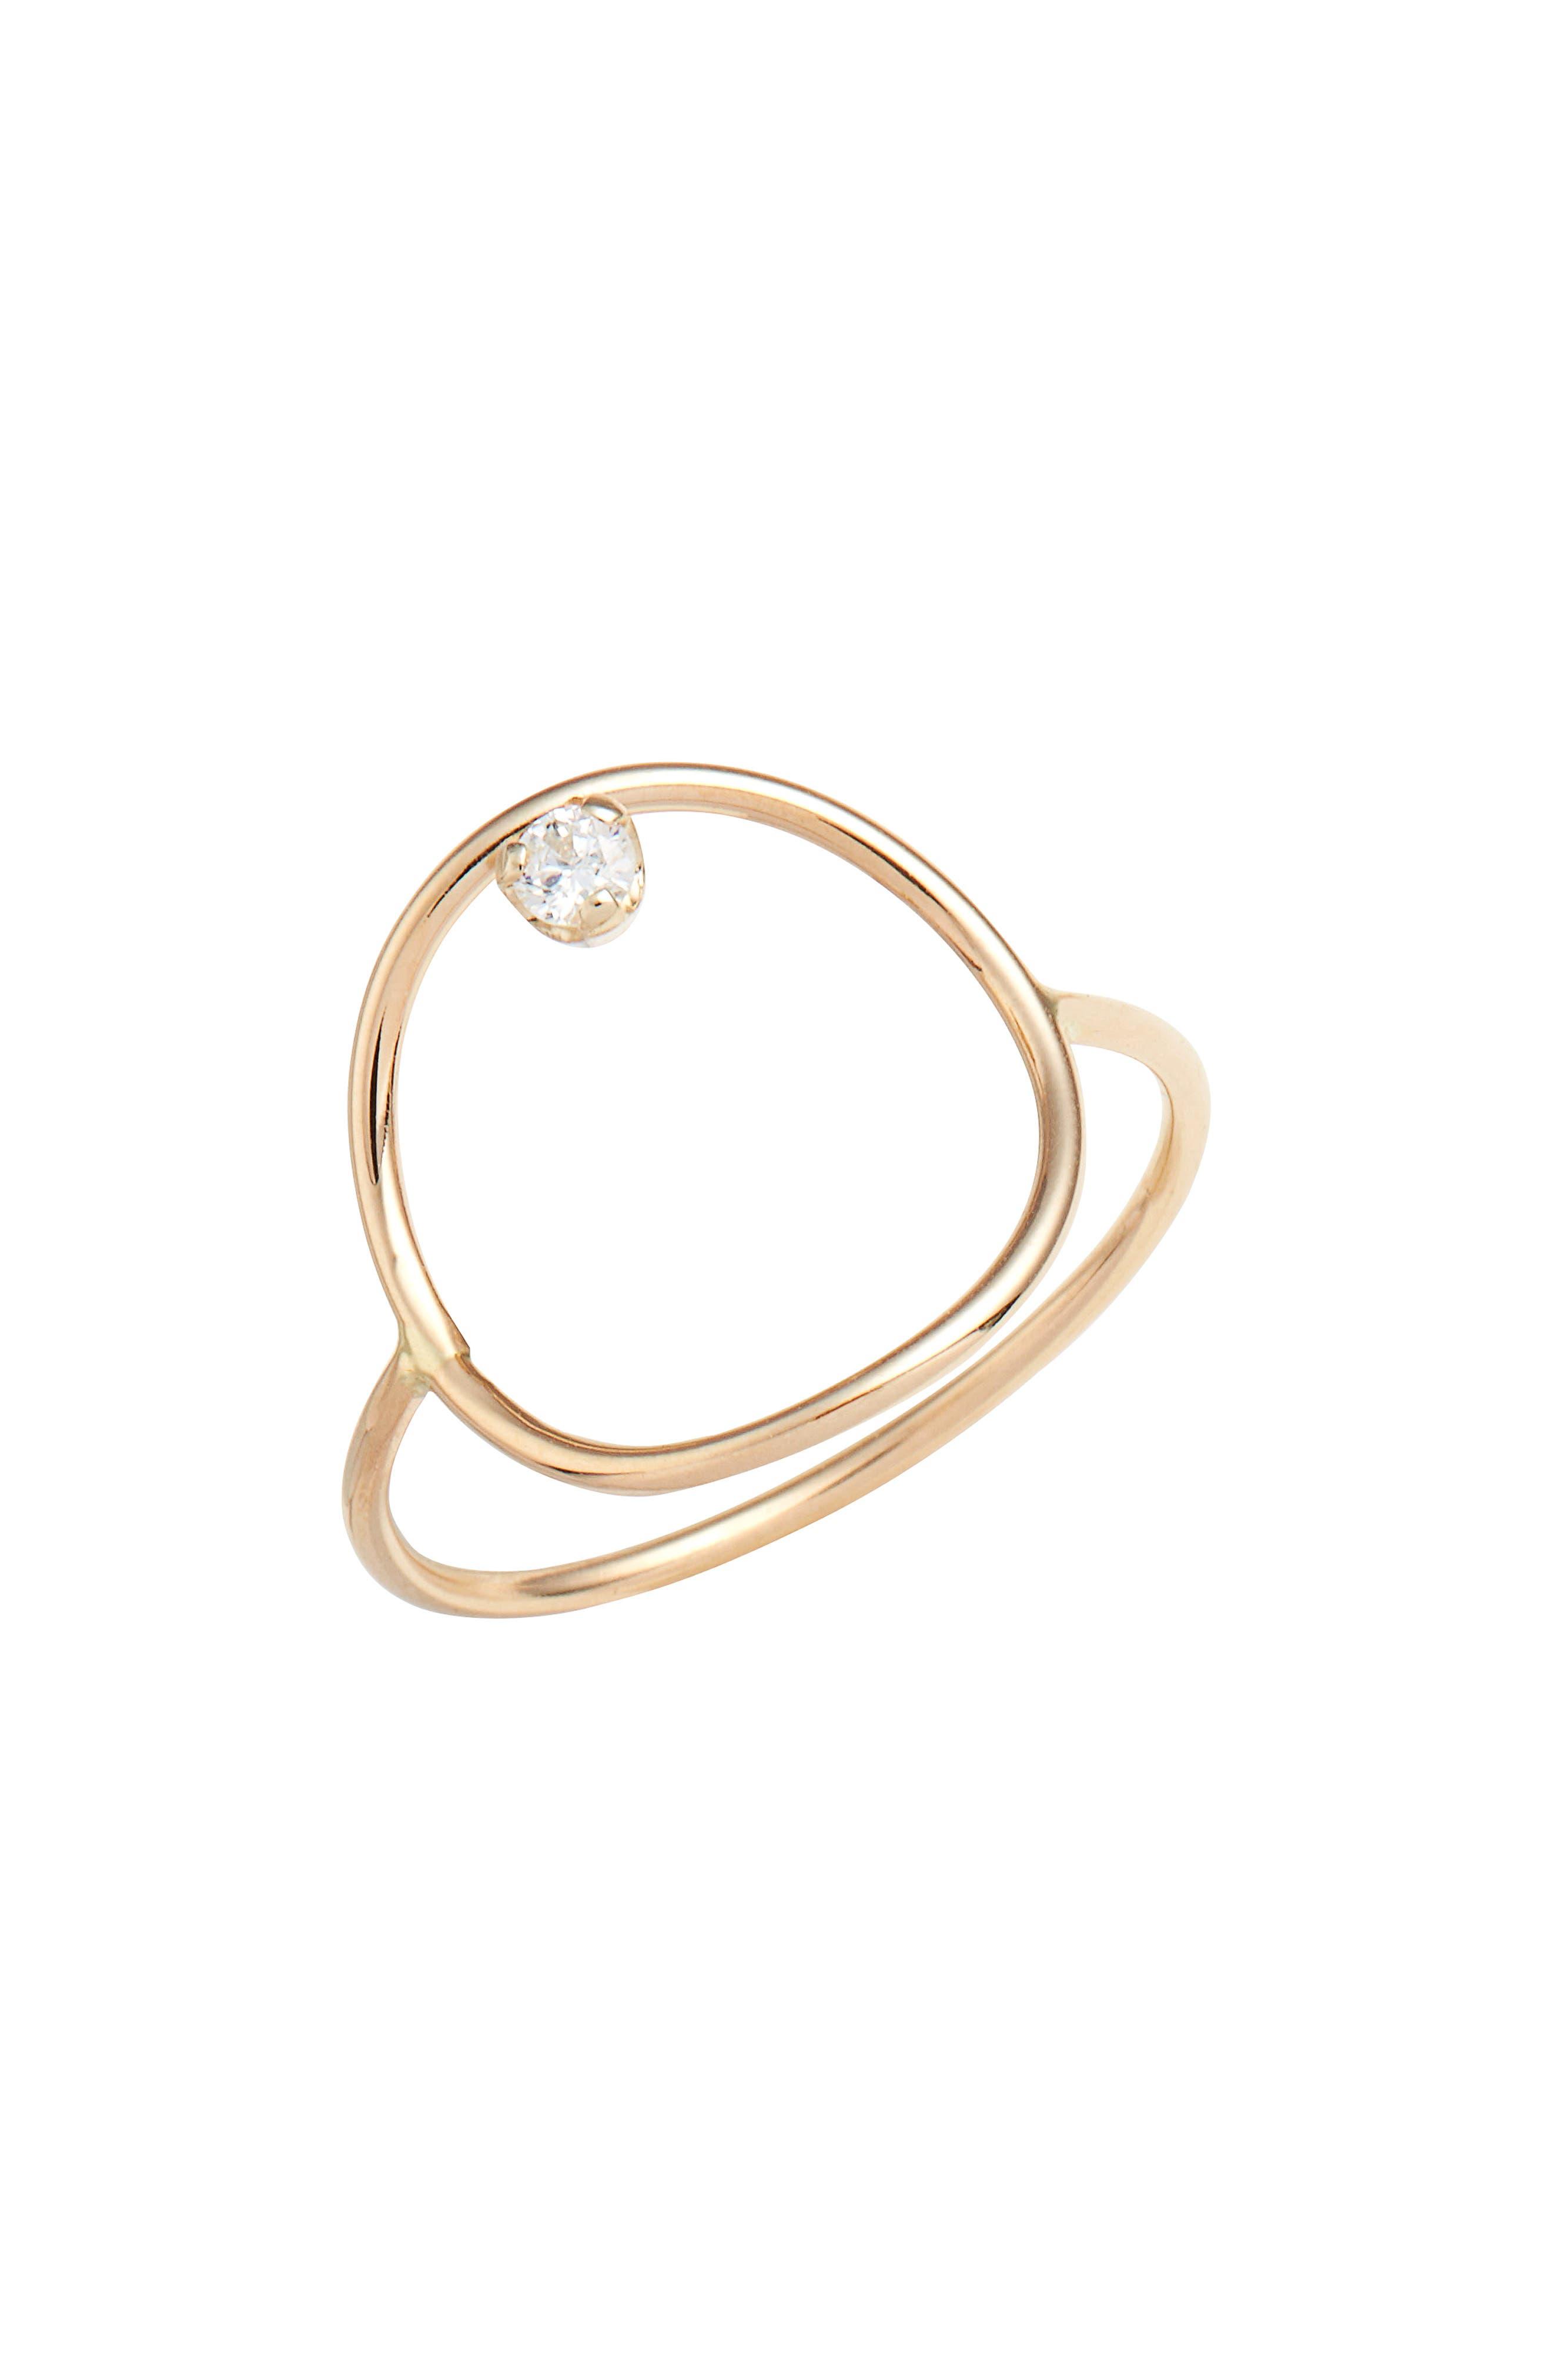 Diamond Circle Ring,                             Main thumbnail 1, color,                             YELLOW GOLD/ OPAL